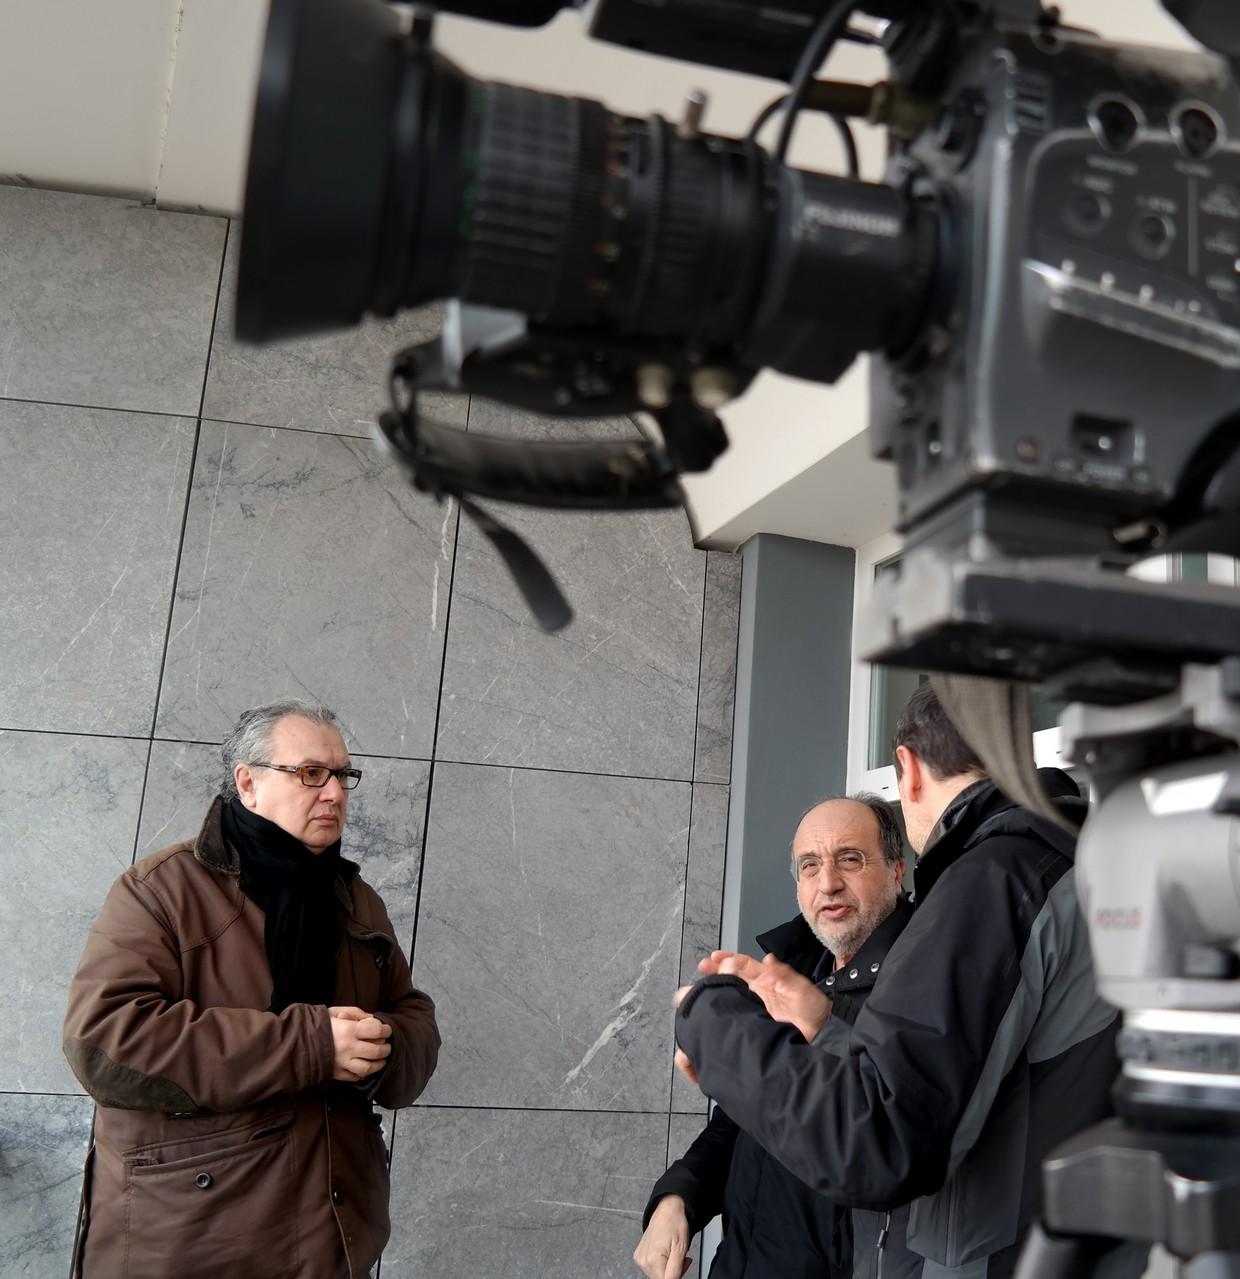 Il regista MAuro Vittorio Quattrina durante le riprese dei servizi RAI con il giornalista Giuseppe Giulietti, nel Comune di San Giorgio delle Pertiche (PD)